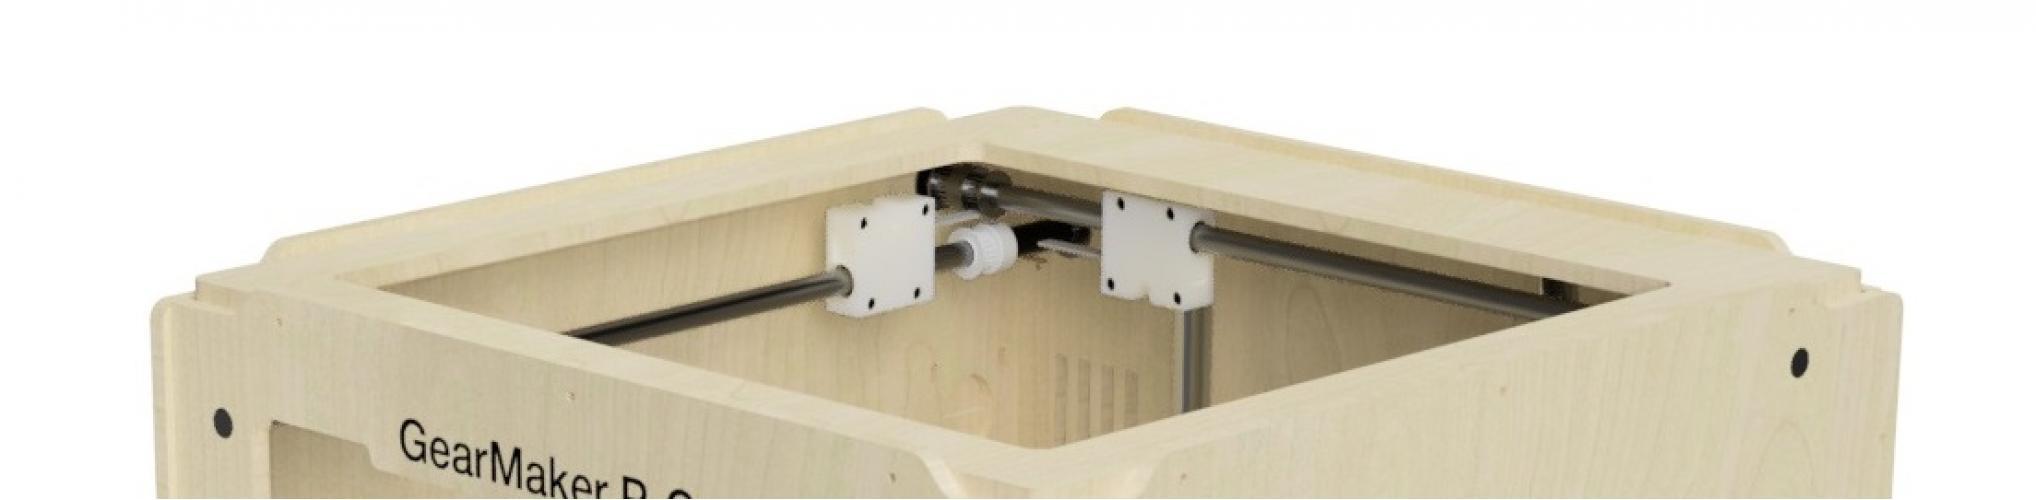 Самостоятельная сборка 3D принтера GearMaker P-One своими руками. Часть 4: Установка кареток